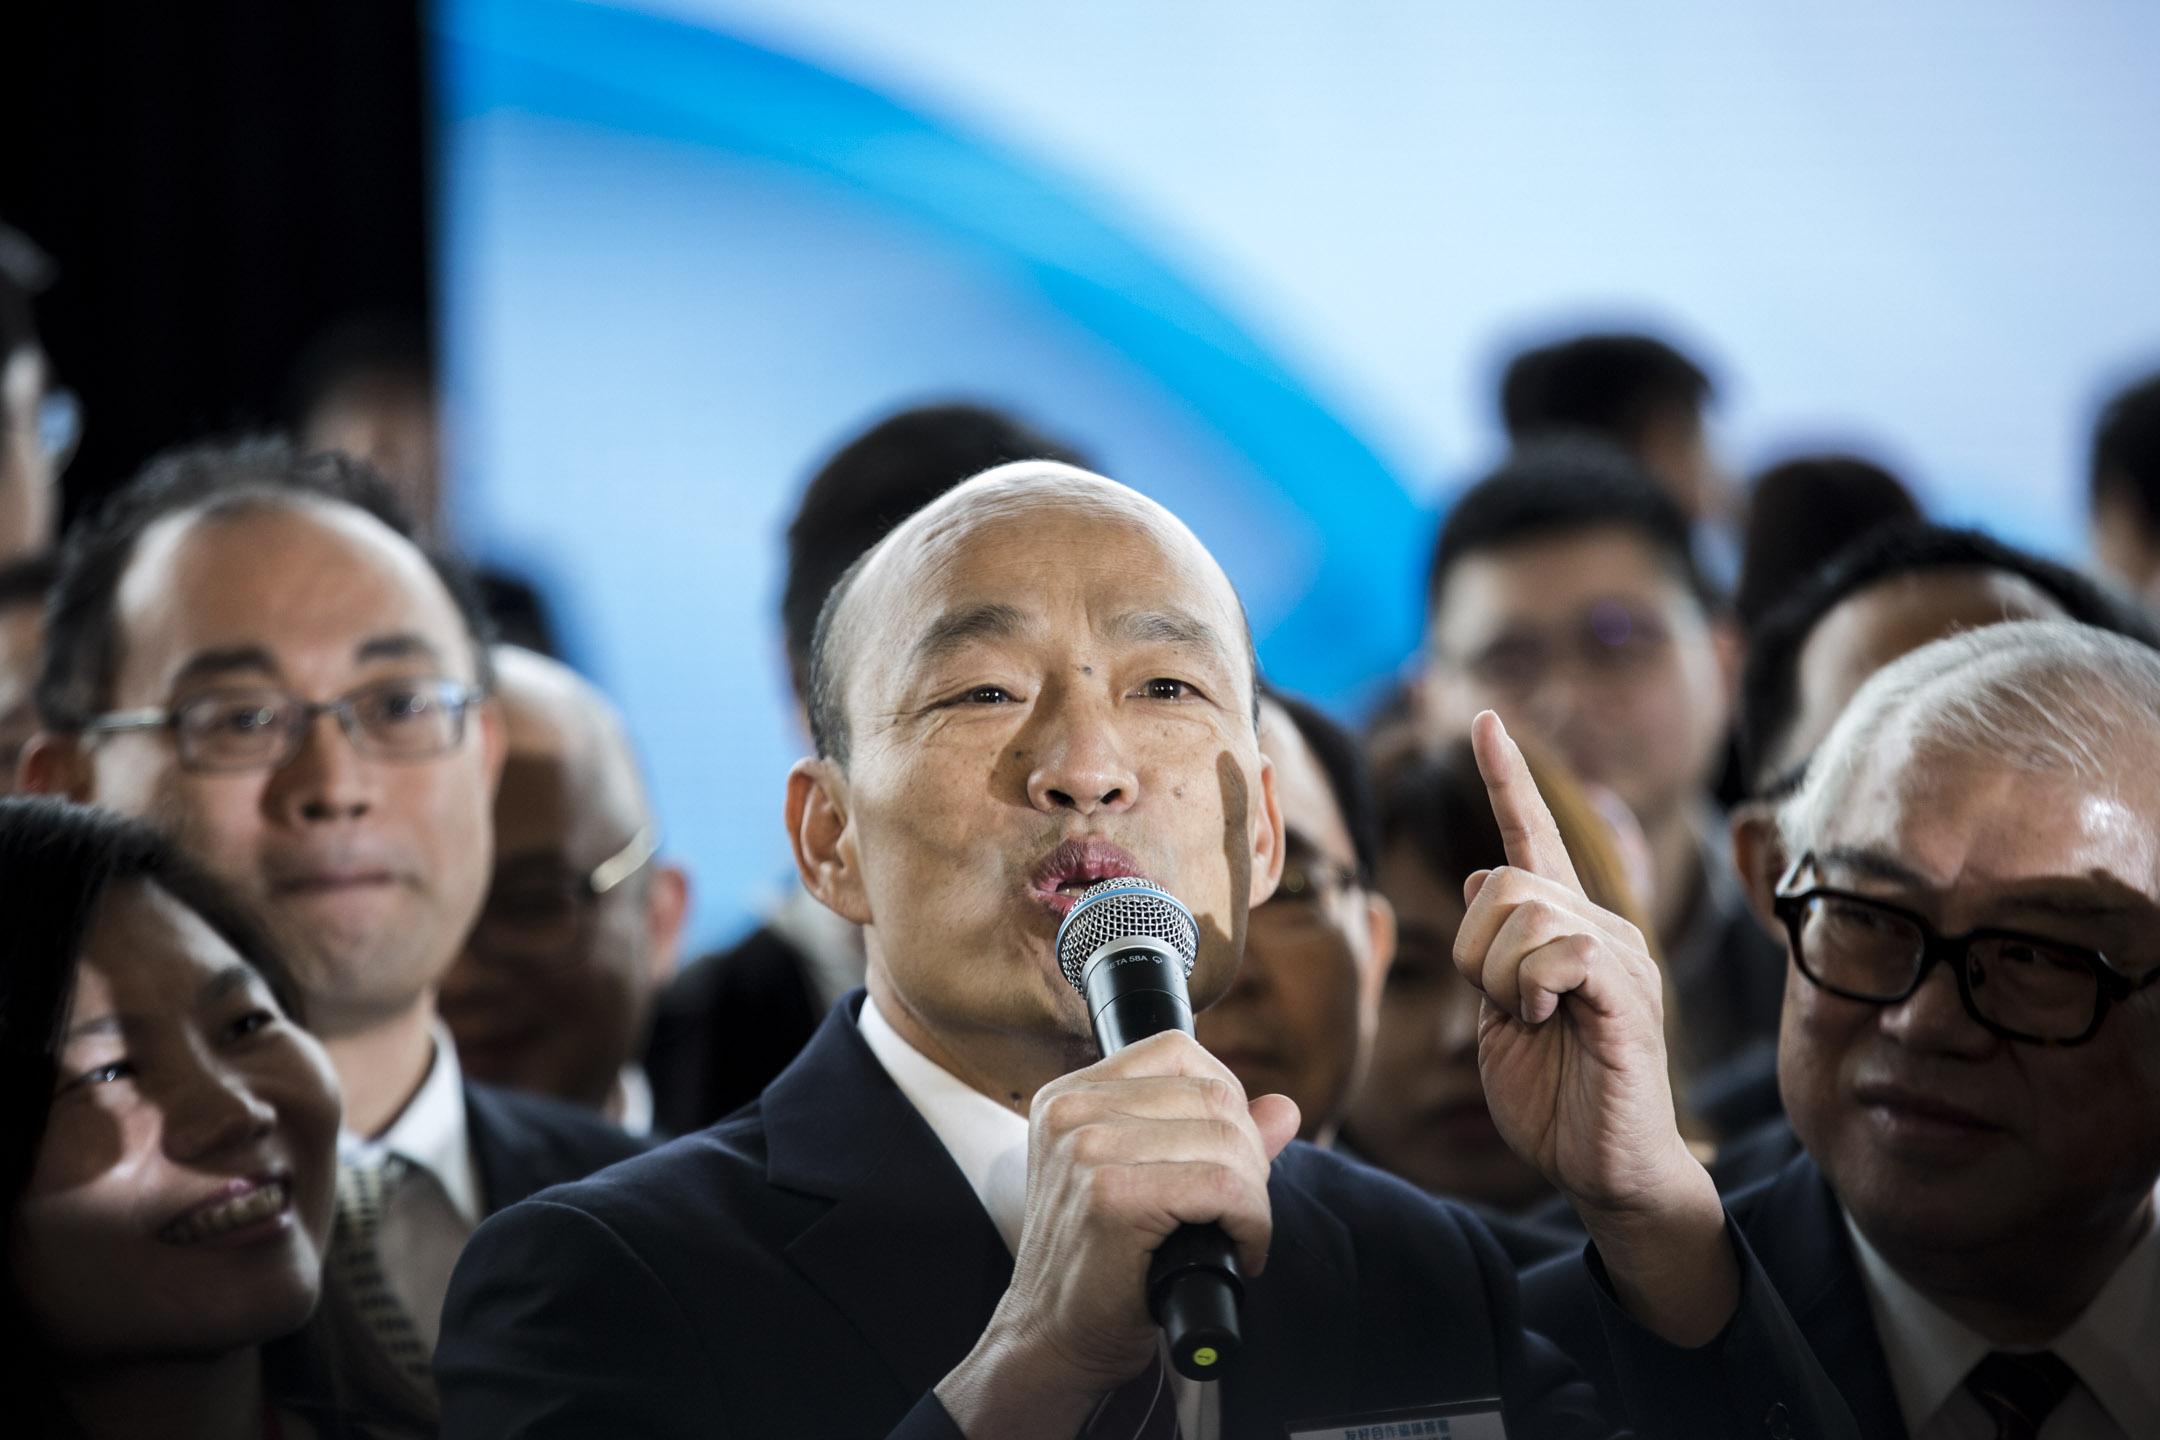 2019年3月22日,高雄市市長韓國瑜出席香港中華出入口商會友好合作協議簽署暨高雄市經貿介紹會,並於會後回答記者提問。  攝:林振東/端傳媒